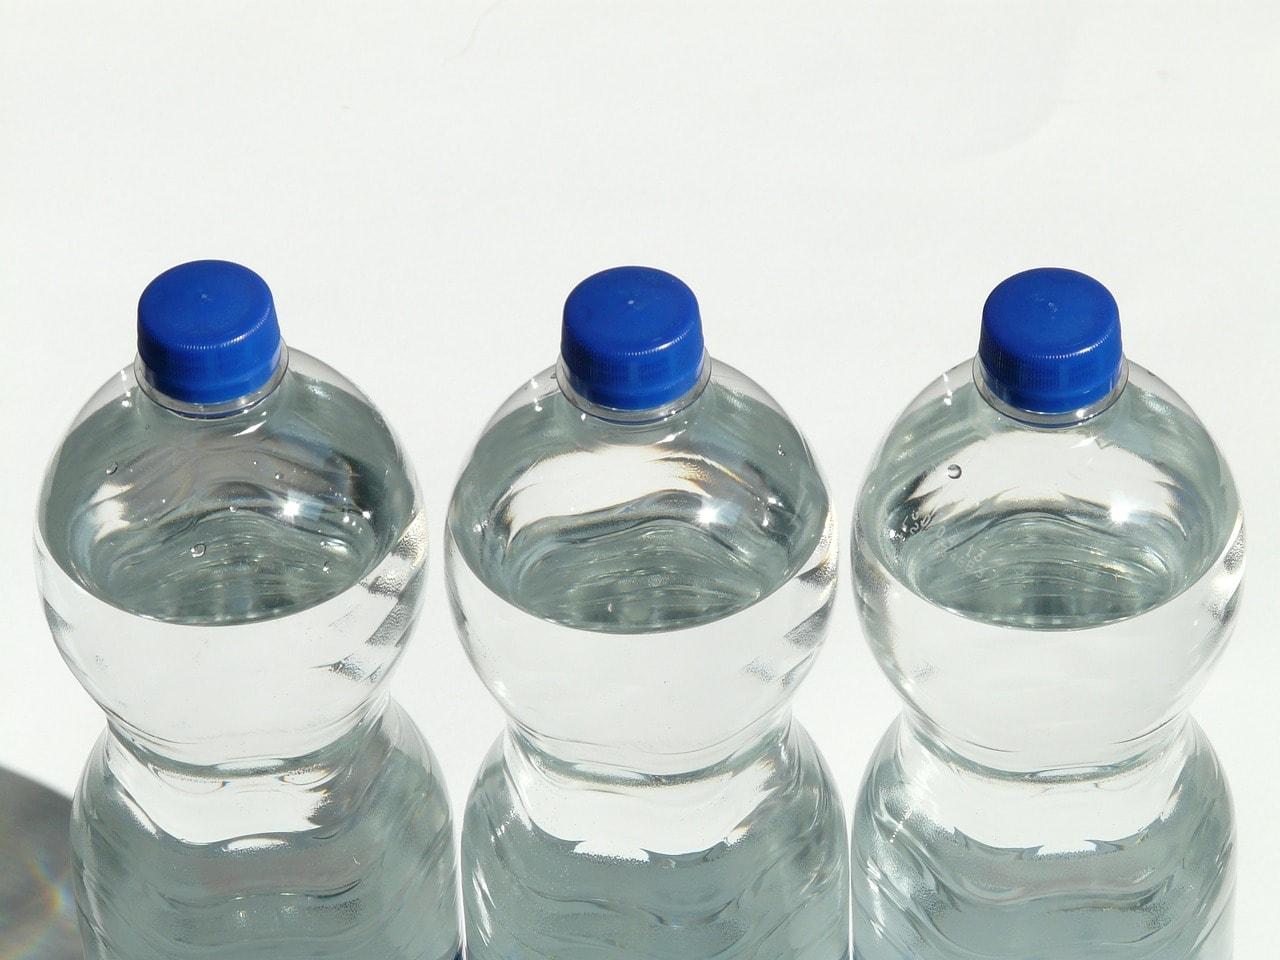 bottles-60479_1280.jpg